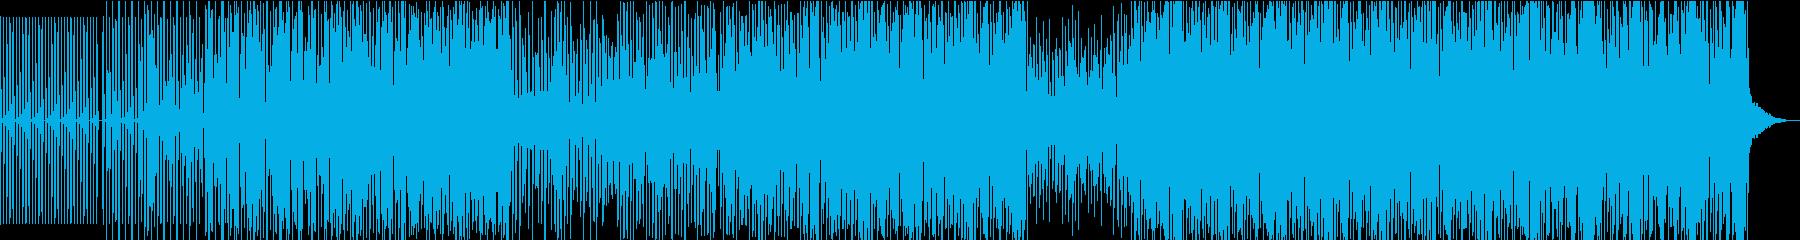 【ハウス】アゲアゲ間違いなし!!のCMにの再生済みの波形